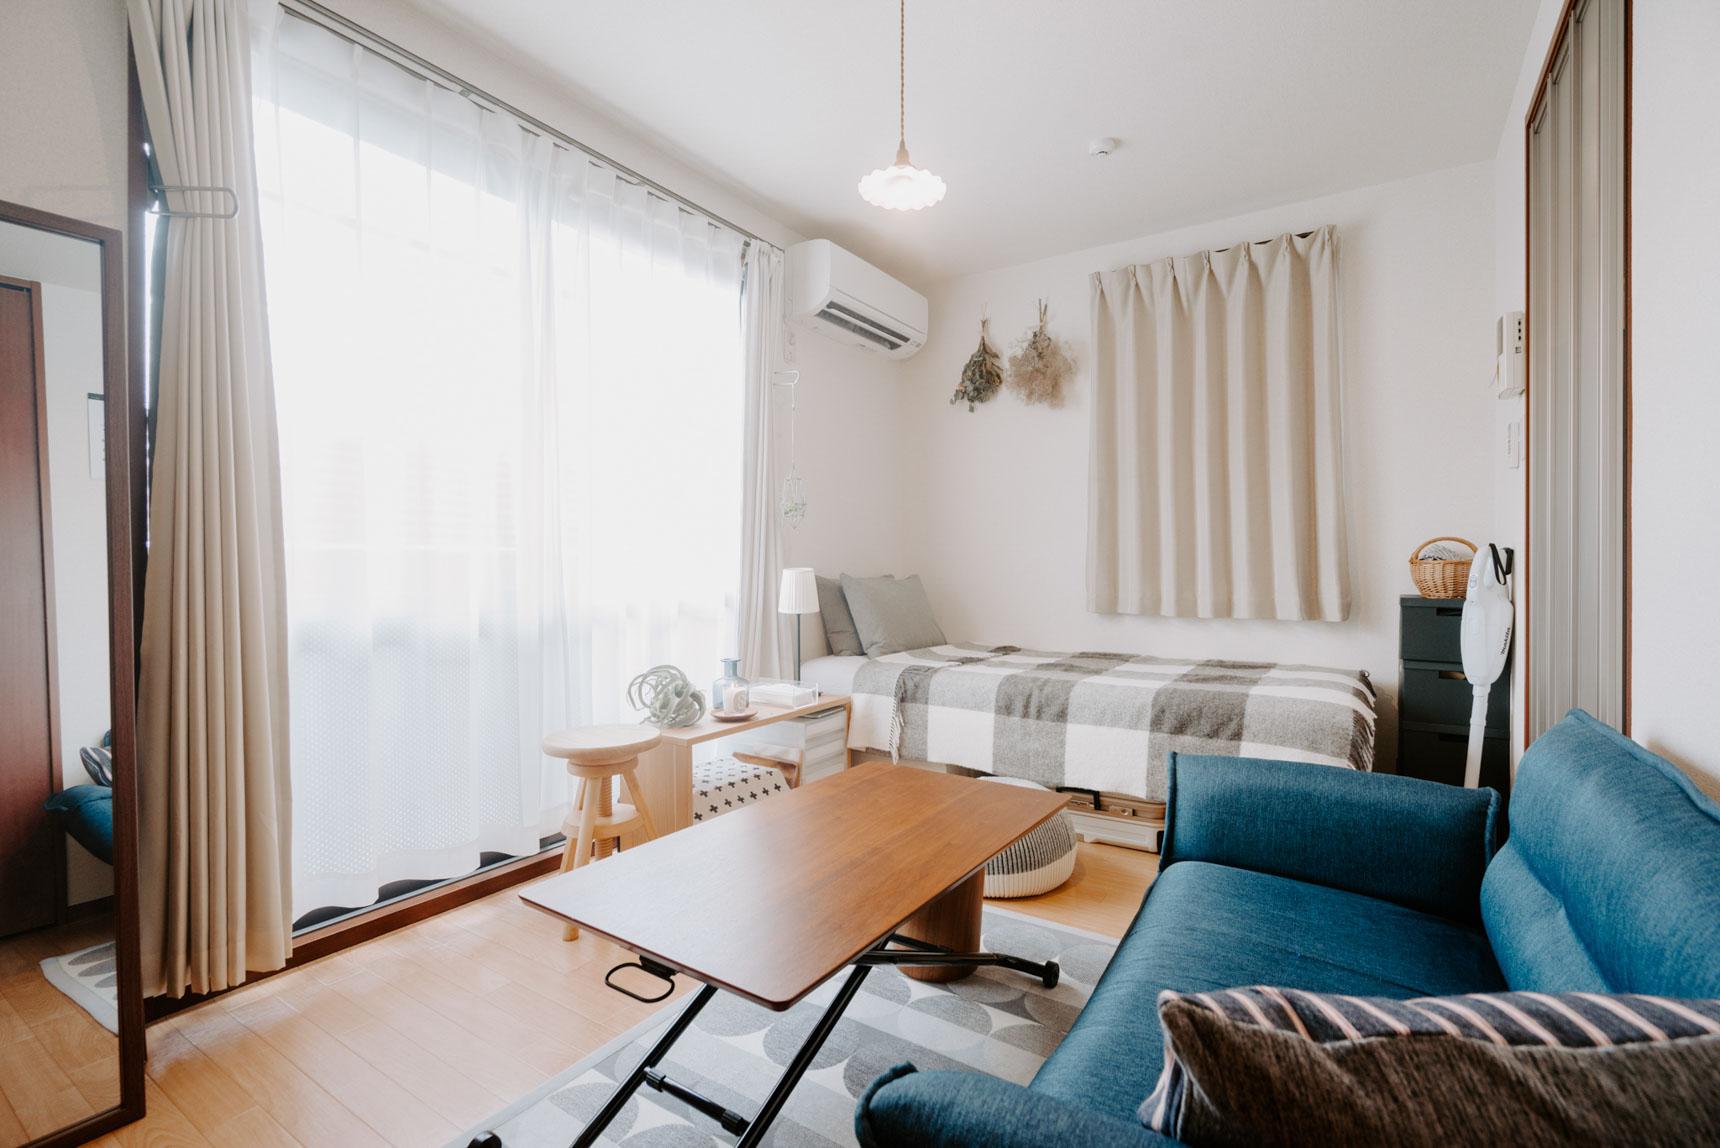 家具配置がしやすい。横長1K・ワンルームのインテリア実例まとめ